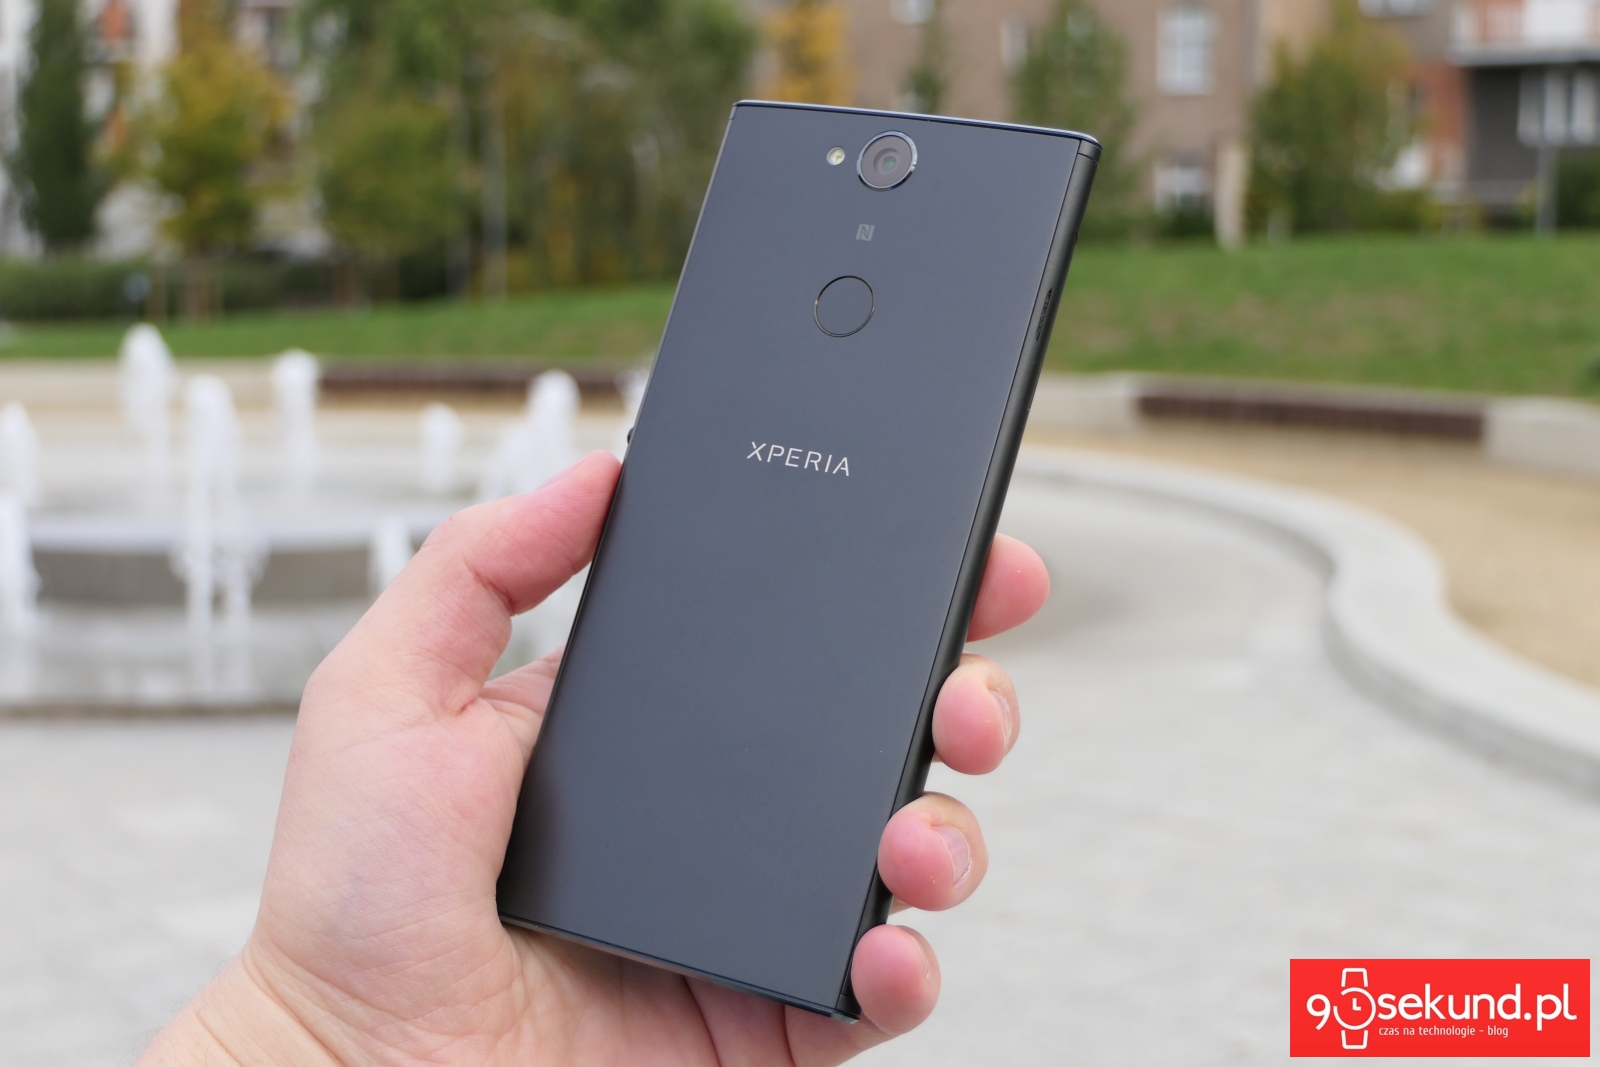 Recenzja Sony Xperia XA2 Plus - 90sekund.pl - Michał Brożyński